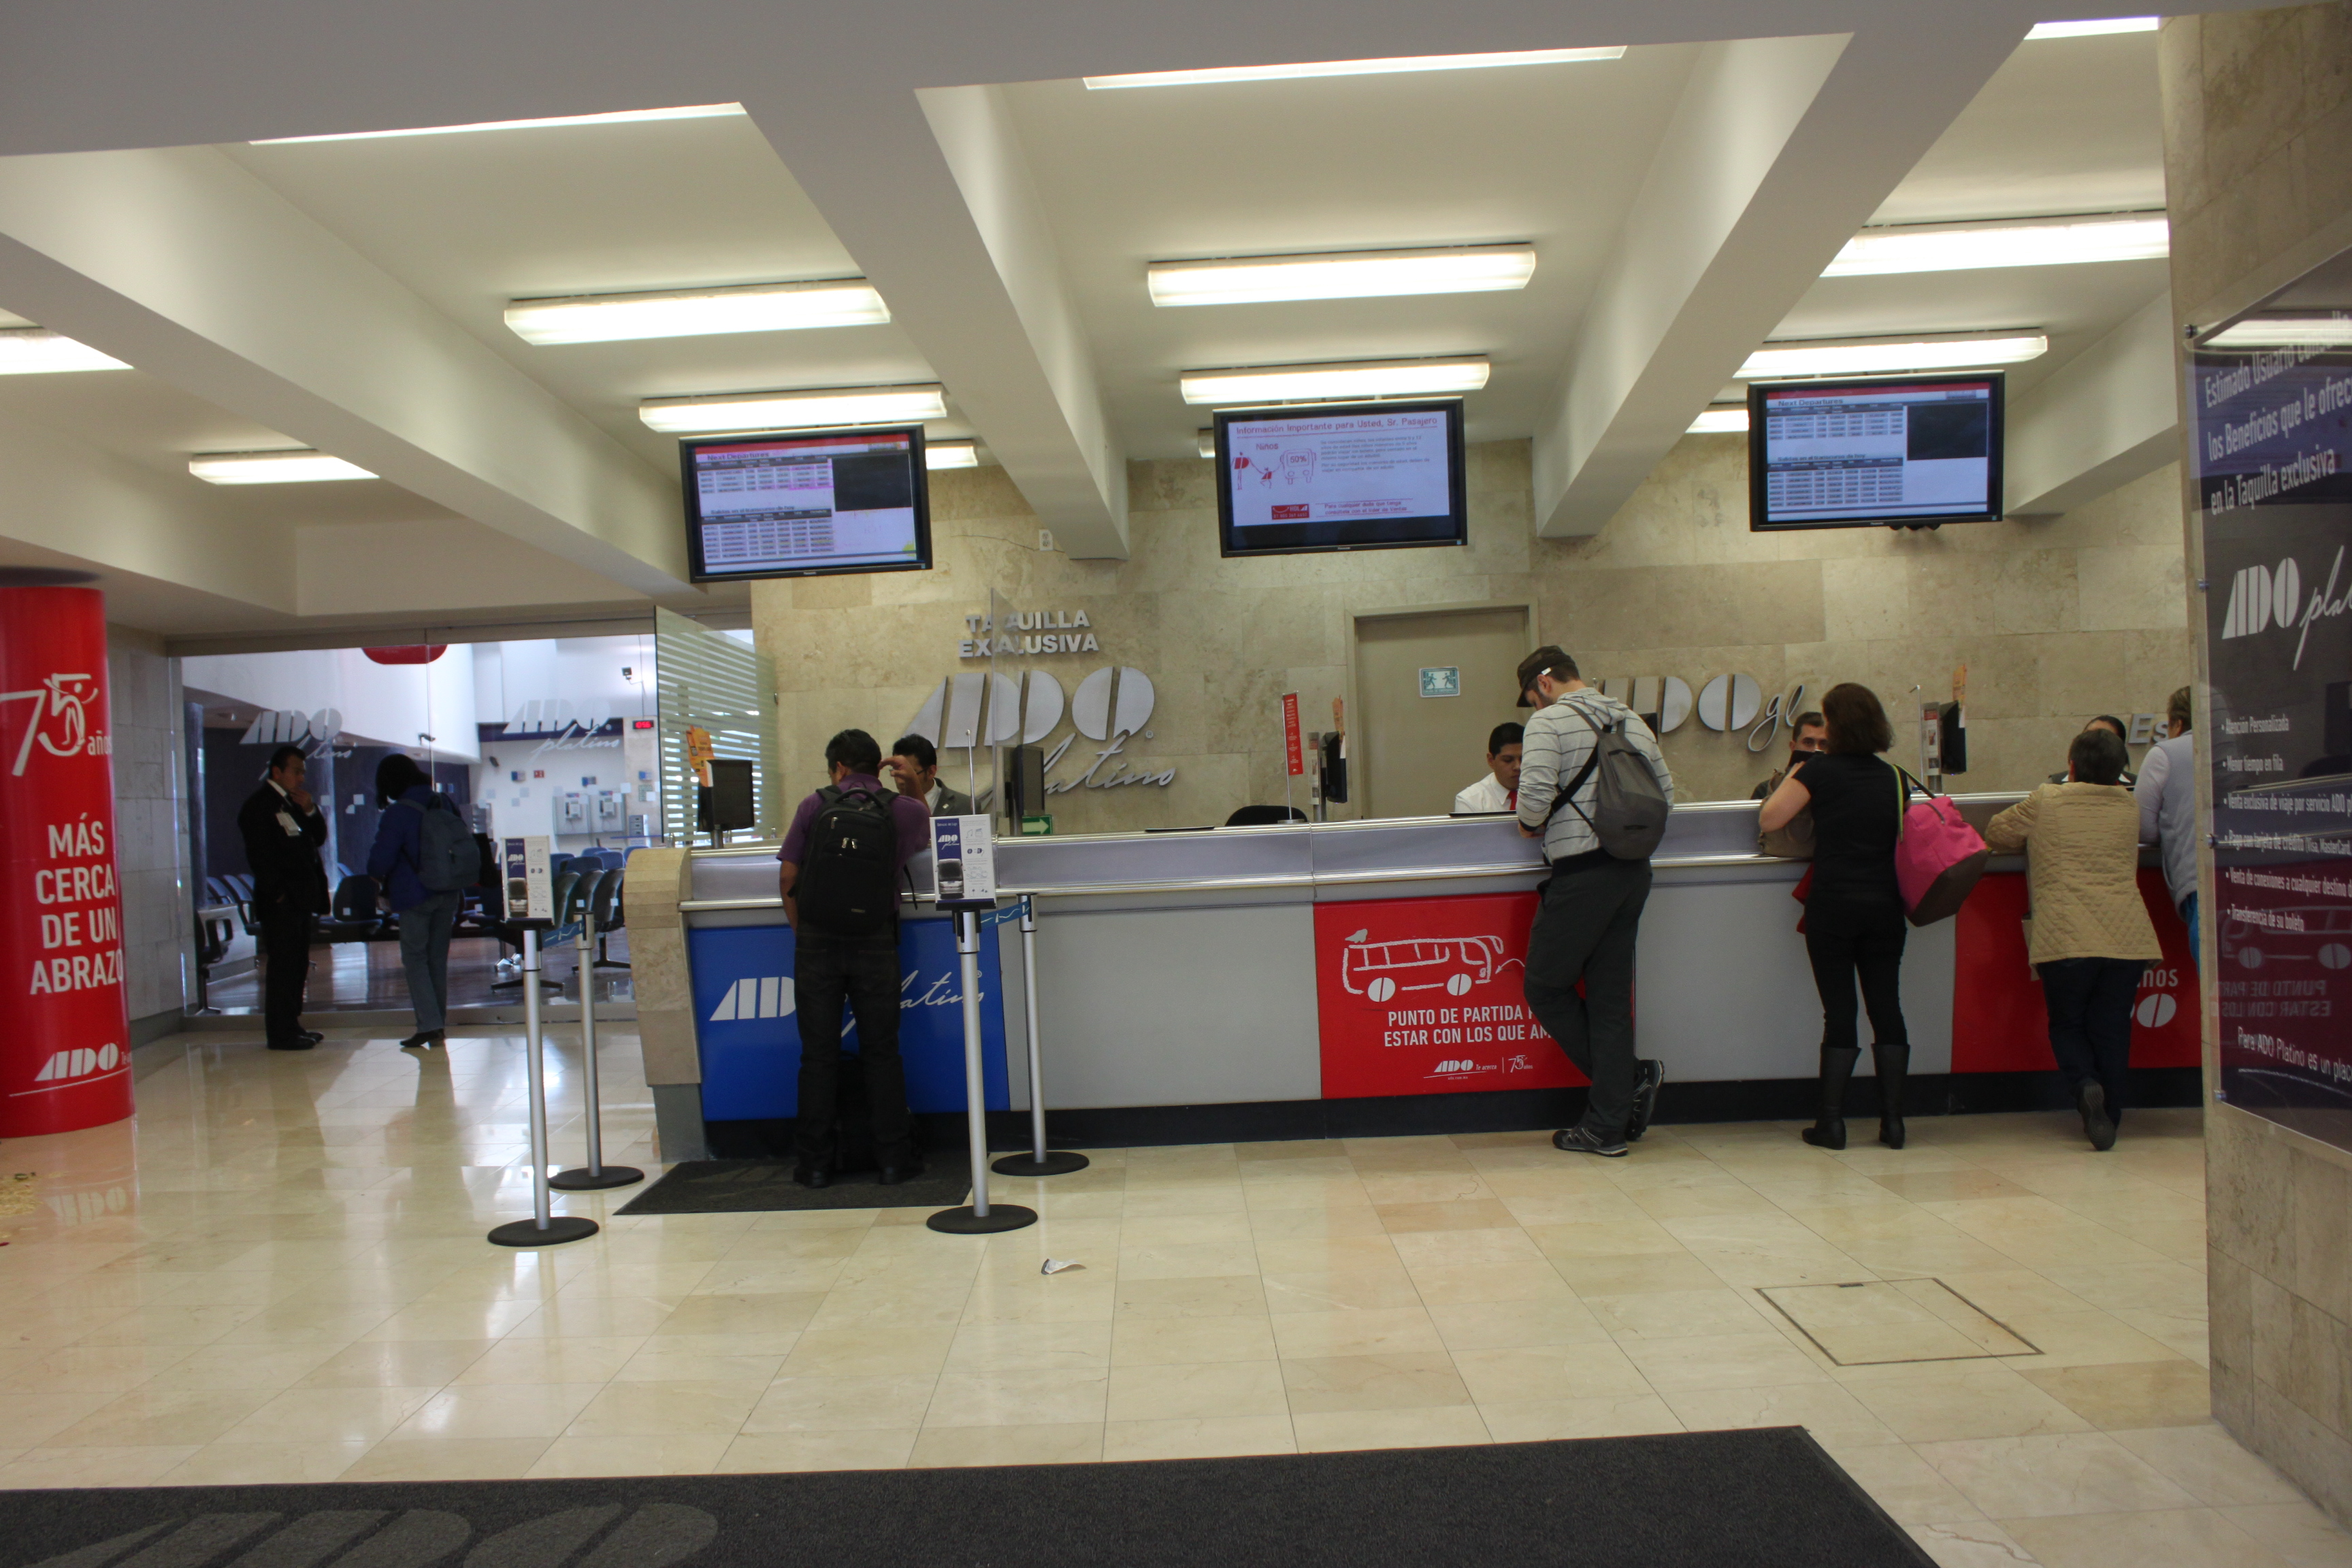 Banco per prenotare i biglietti ADO